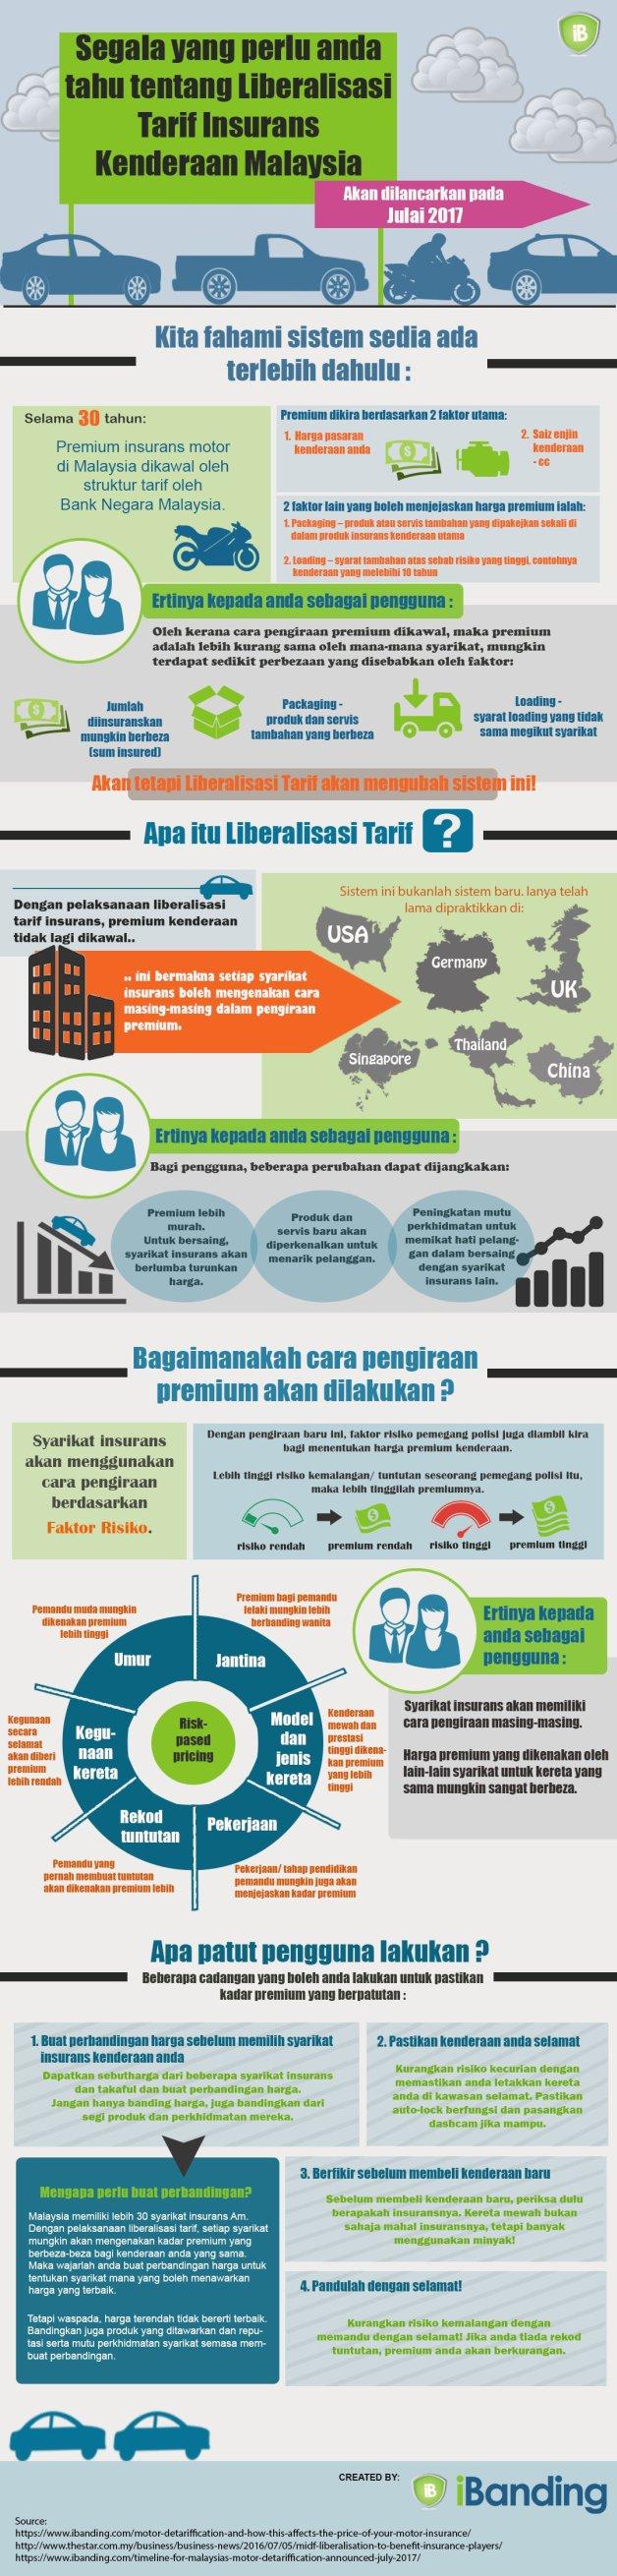 liberalisasi insurans takaful kenderaan